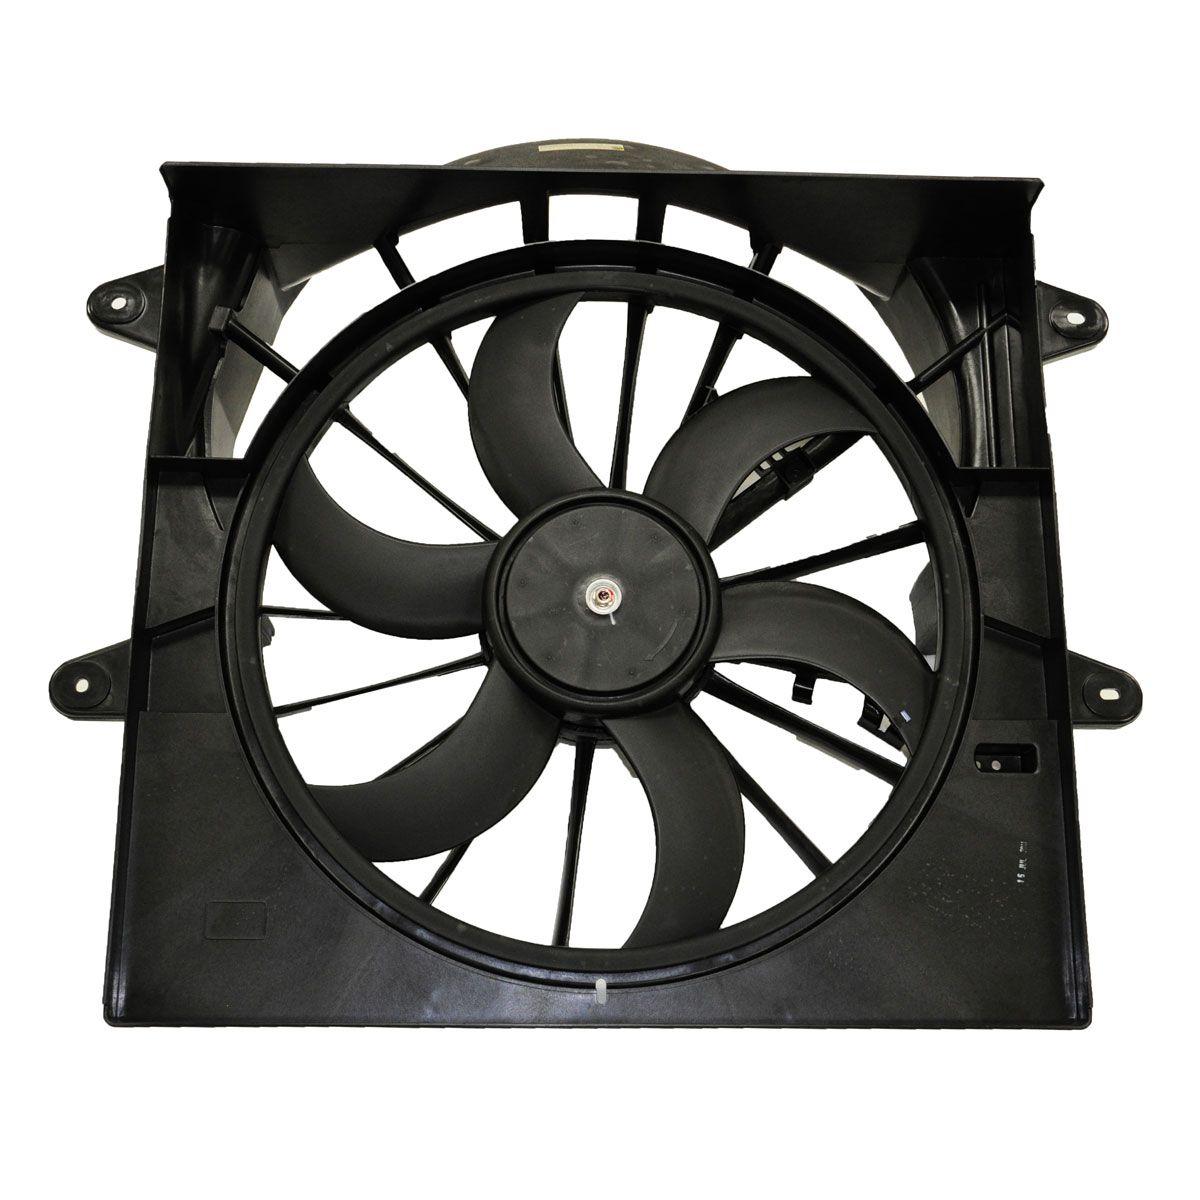 Radiator Cooling Fan For 95-96 Jeep Cherokee w// blade motor /& shroud